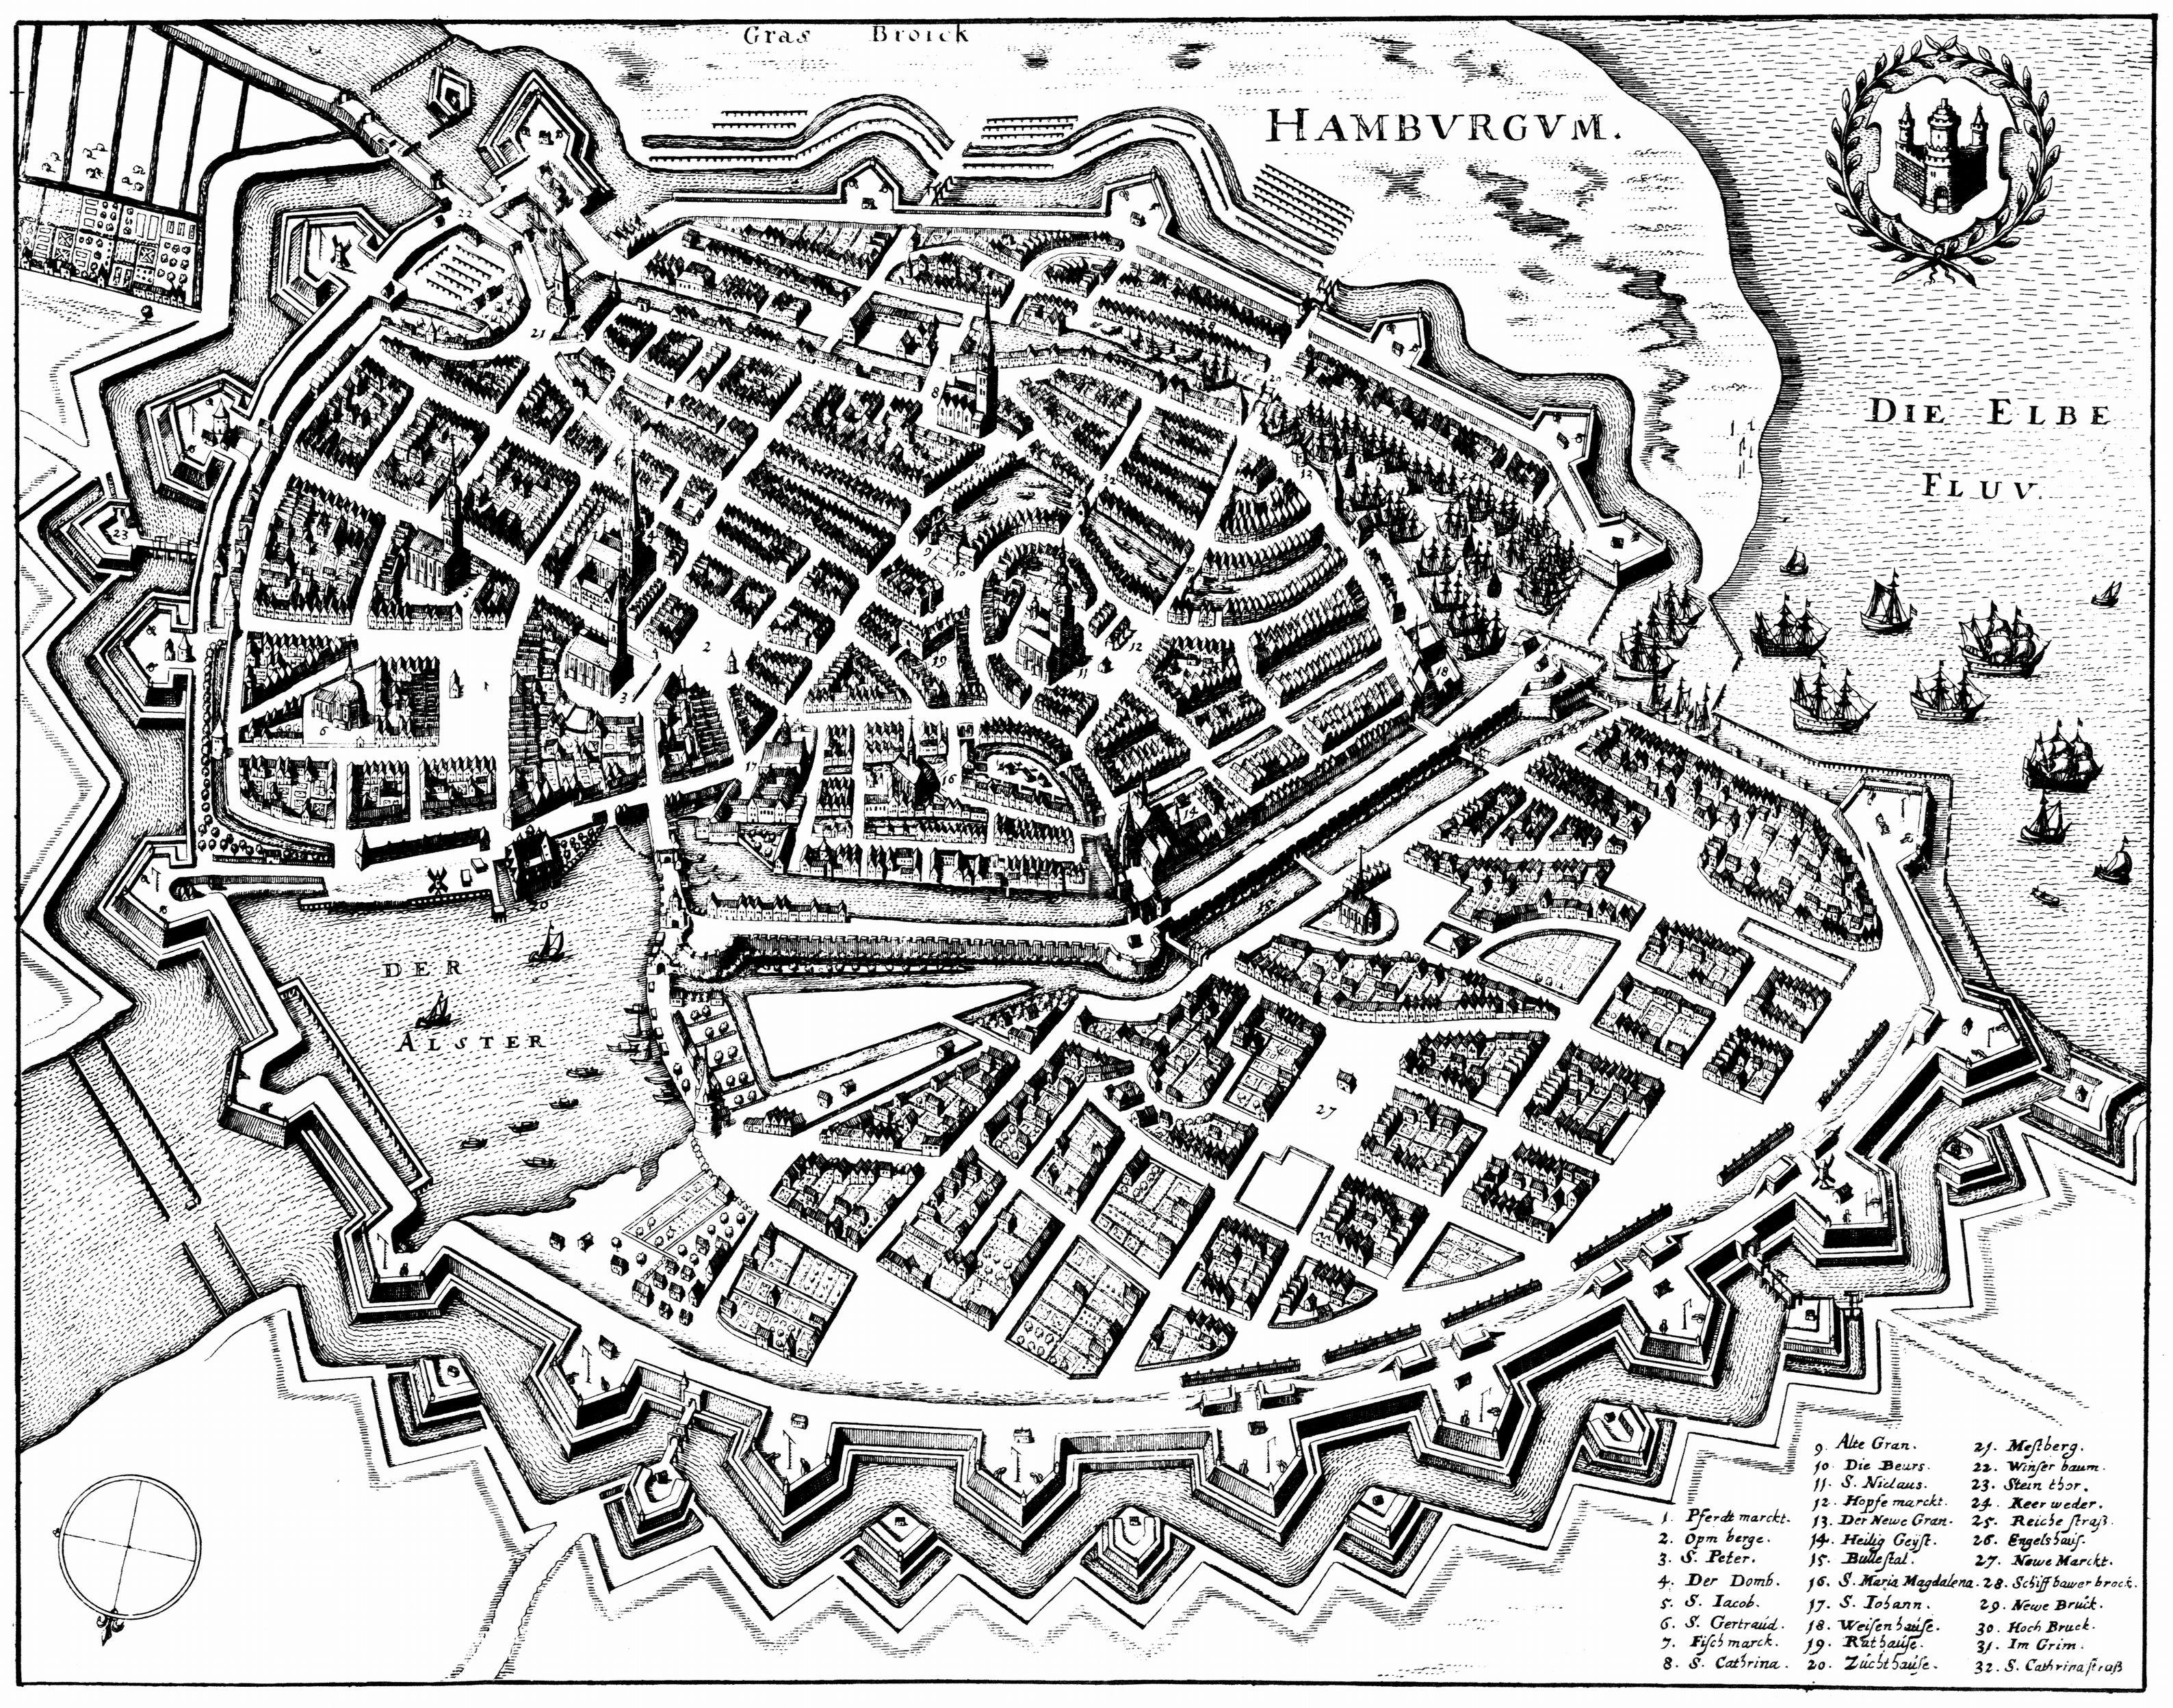 Hamburg 1641